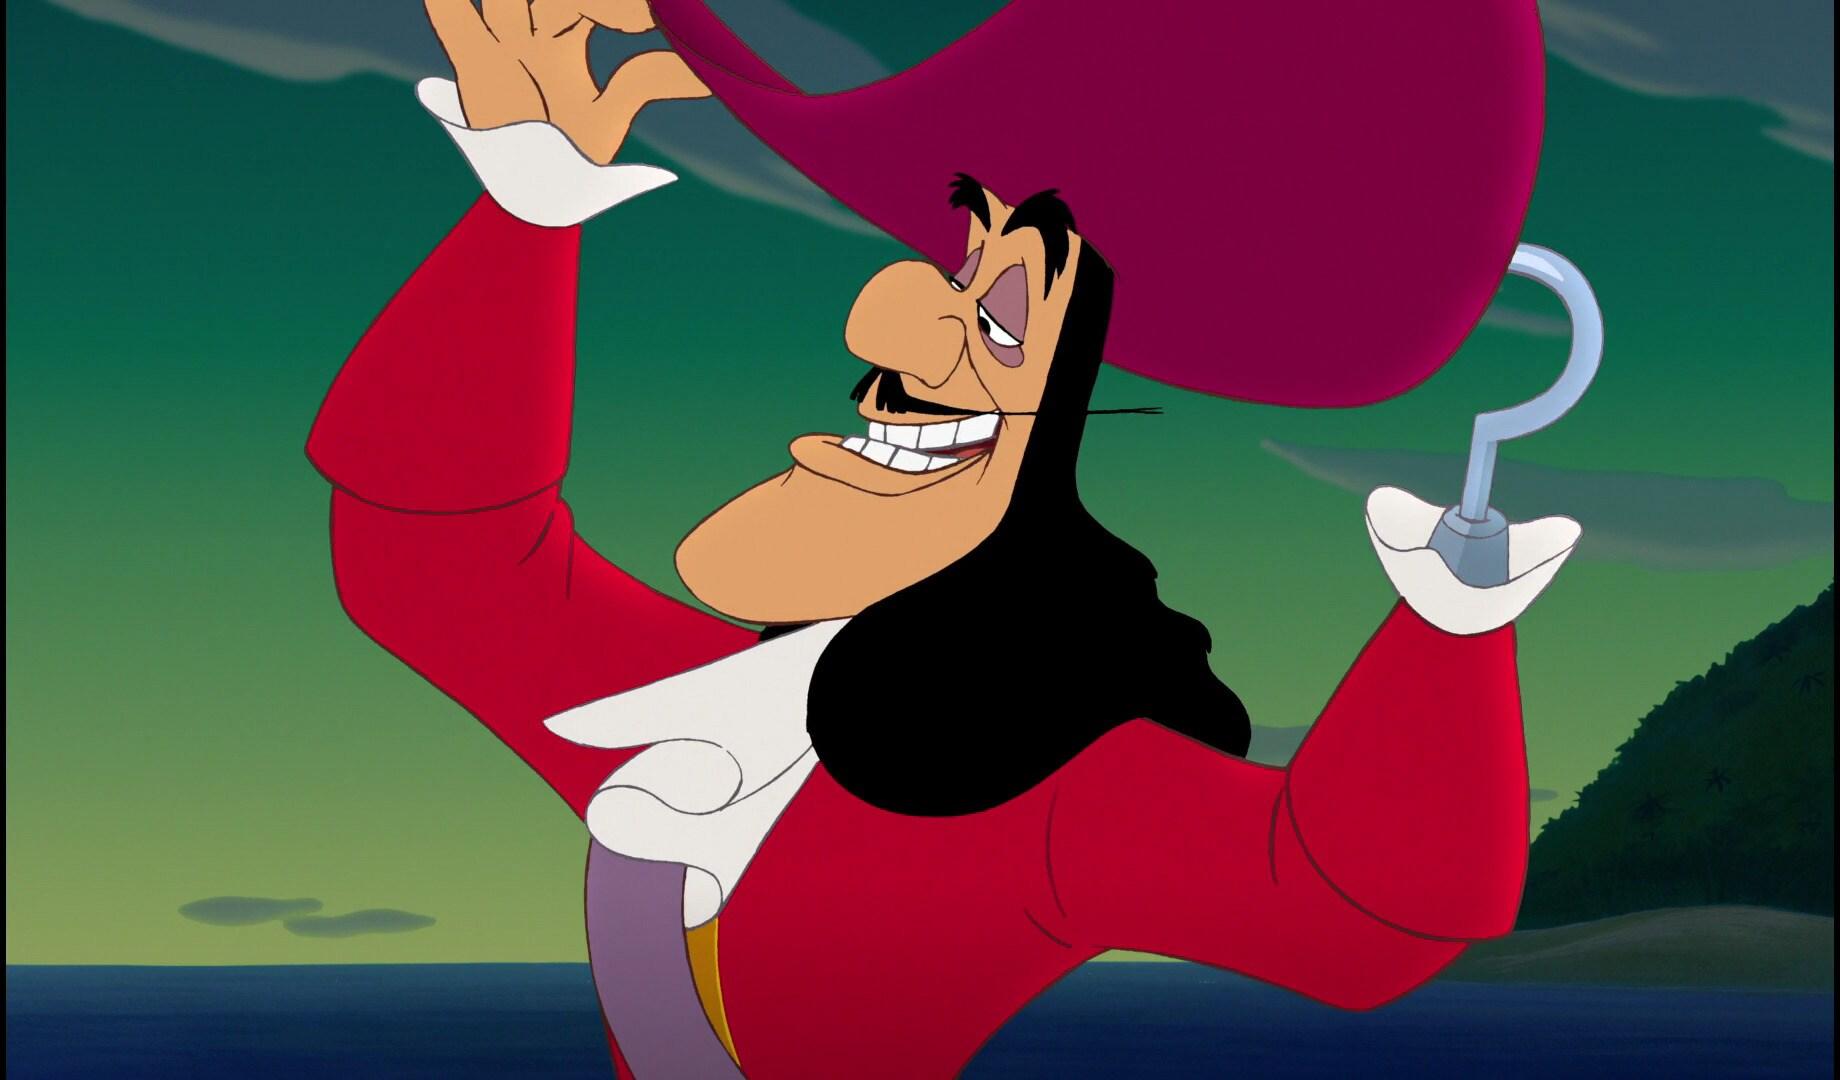 Capitão Gancho do filme As Aventuras de Peter Pan